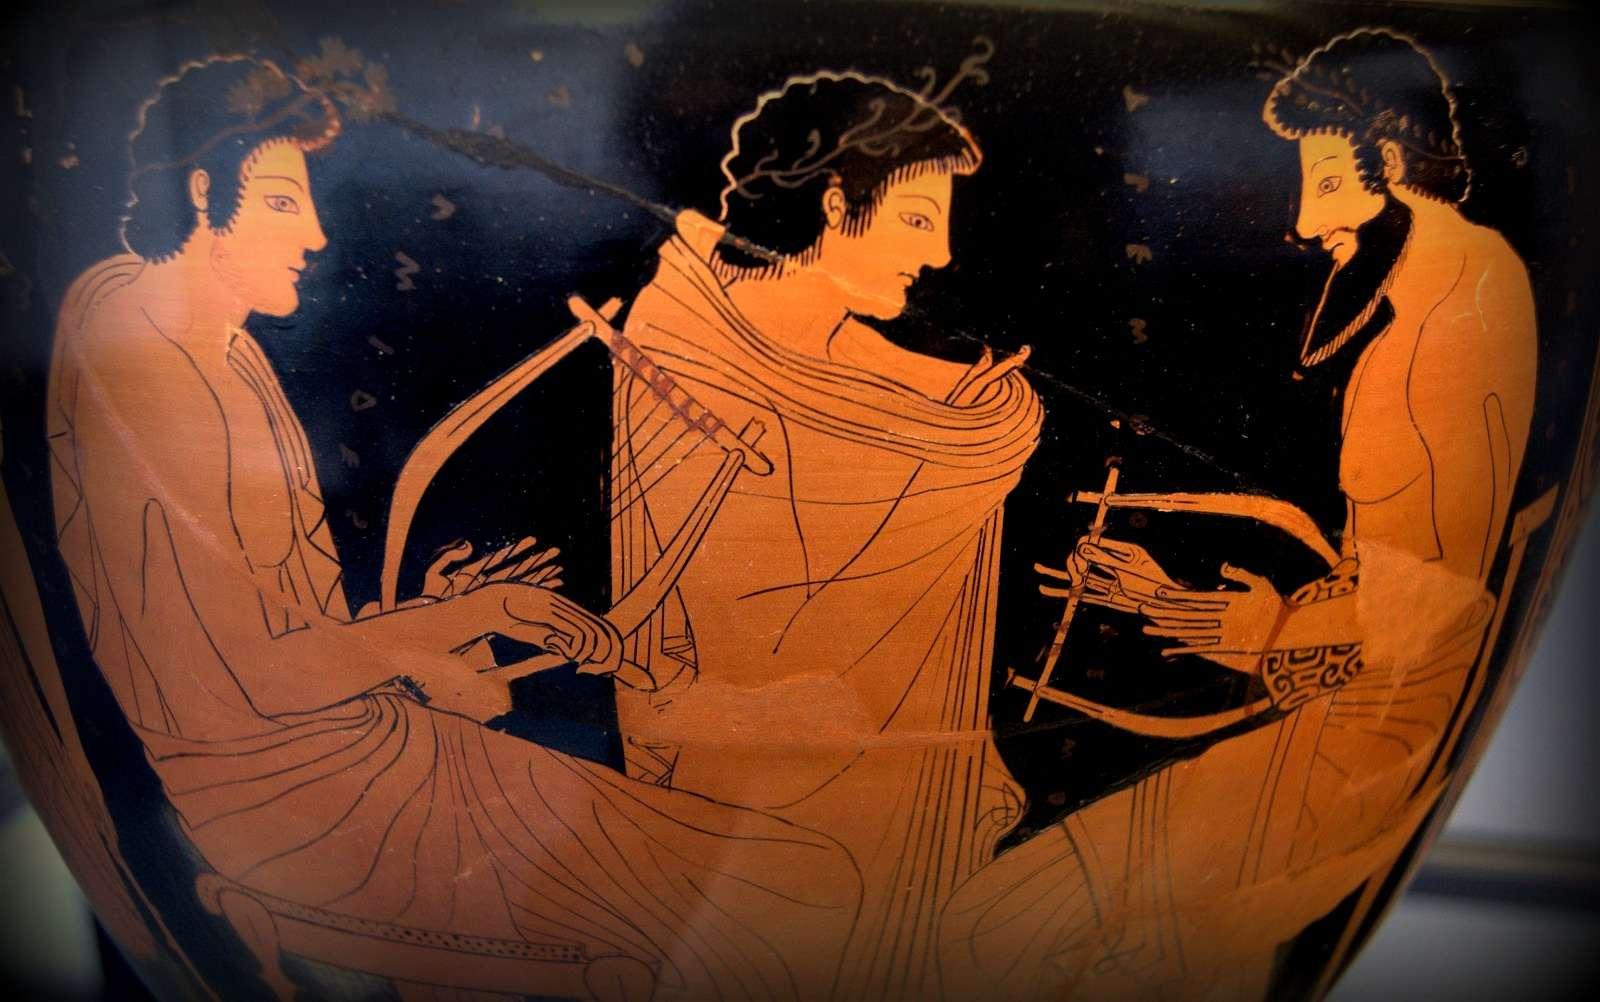 Η μουσική στην αρχαία Ελλάδα από την 3η έως την 1η χιλιετία